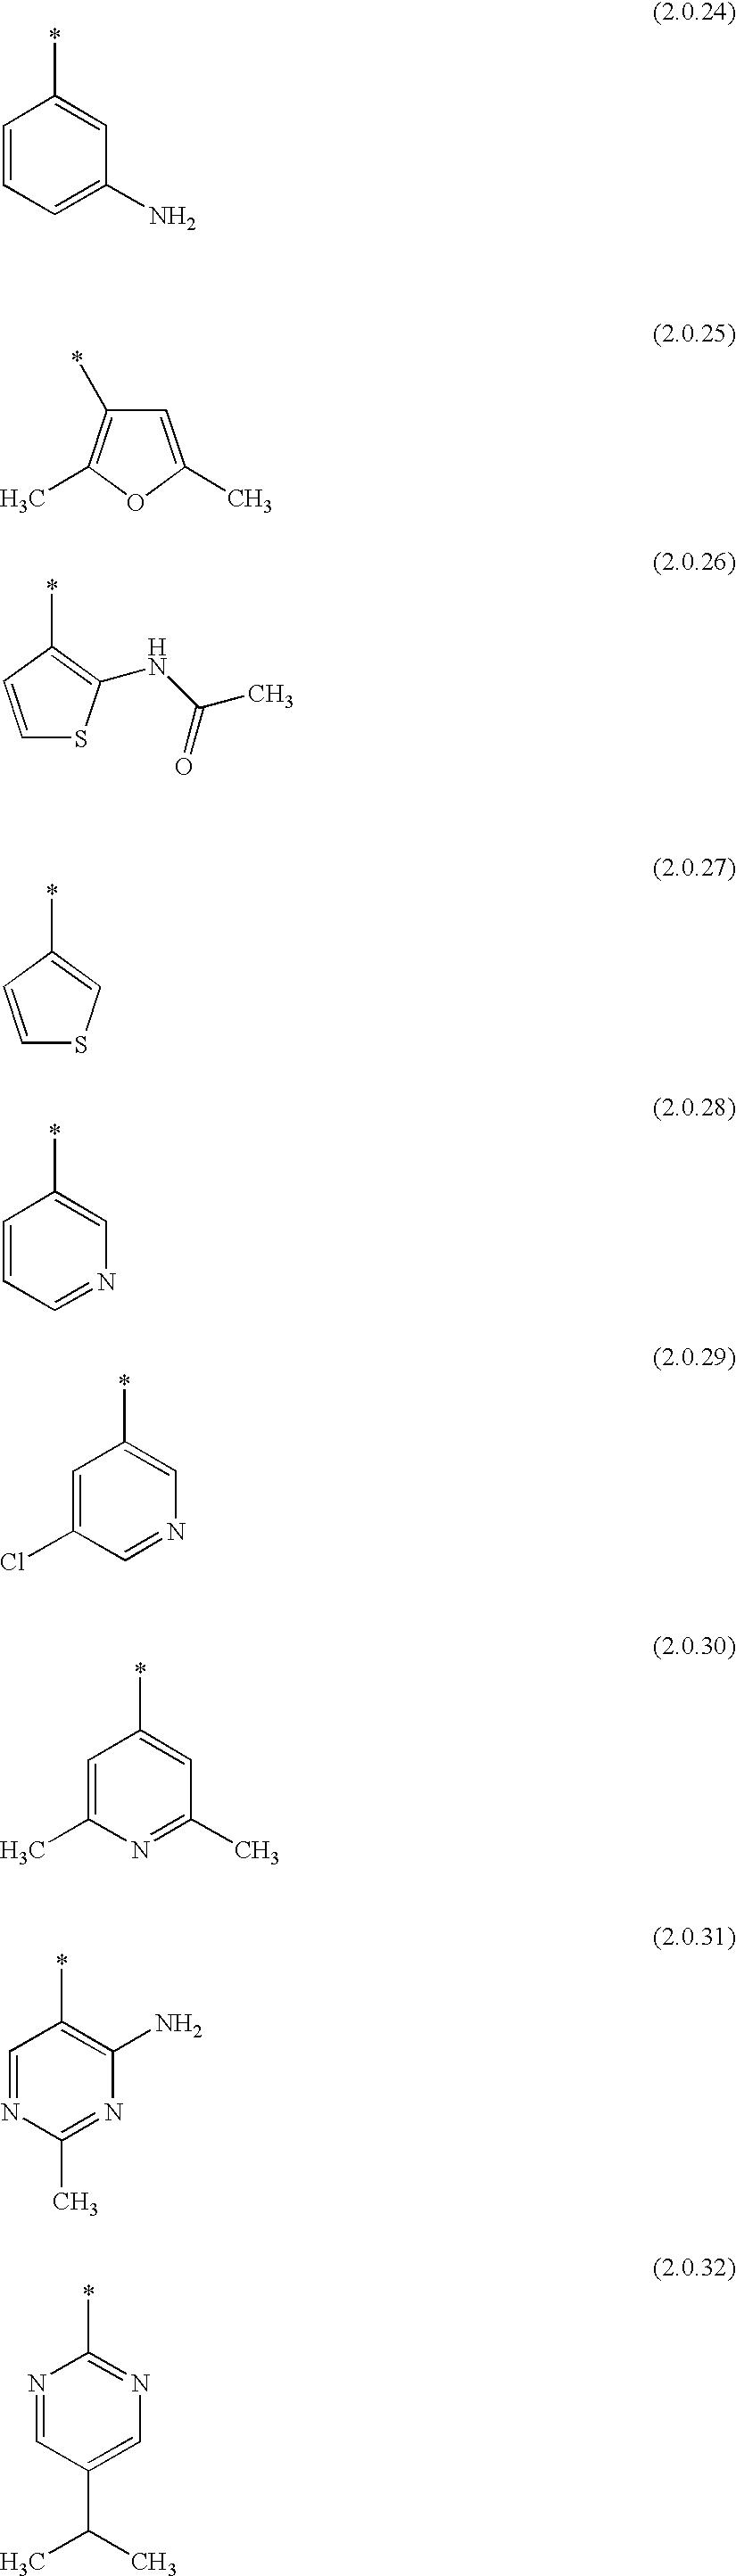 Figure US20030186974A1-20031002-C00111